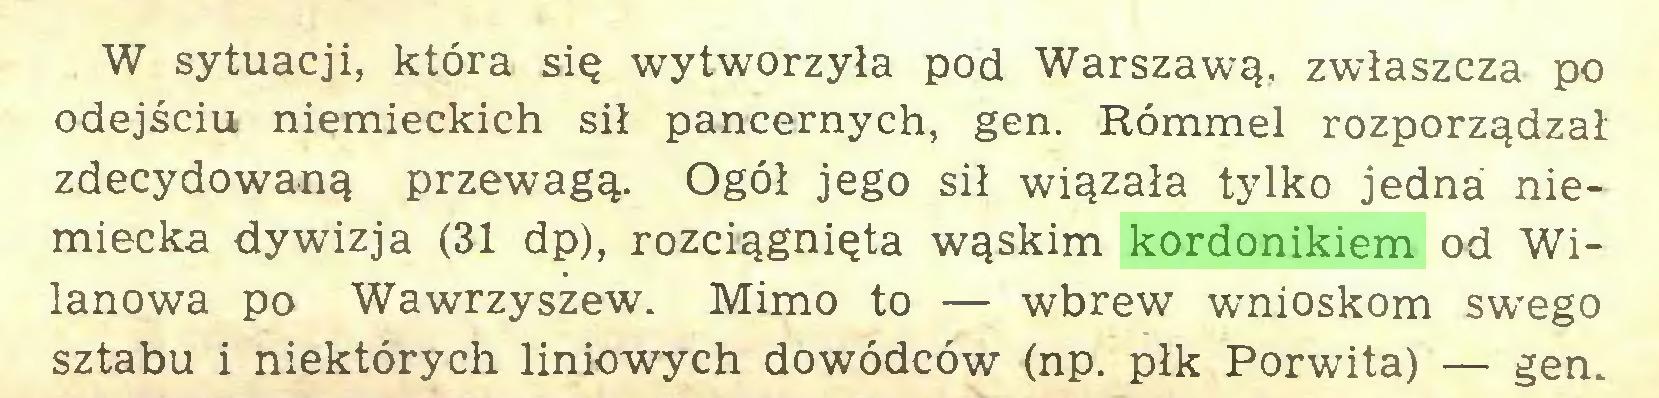 (...) W sytuacji, która się wytworzyła pod Warszawą, zwłaszcza po odejściu niemieckich sił pancernych, gen. Rómmel rozporządzał zdecydowaną przewagą. Ogół jego sił wiązała tylko jedna niemiecka dywizja (31 dp), rozciągnięta wąskim kordonikiem od Wilanowa po Wawrzyszew. Mimo to — wbrew wnioskom swego sztabu i niektórych liniowych dowódców (np. płk Porwita) — gen...